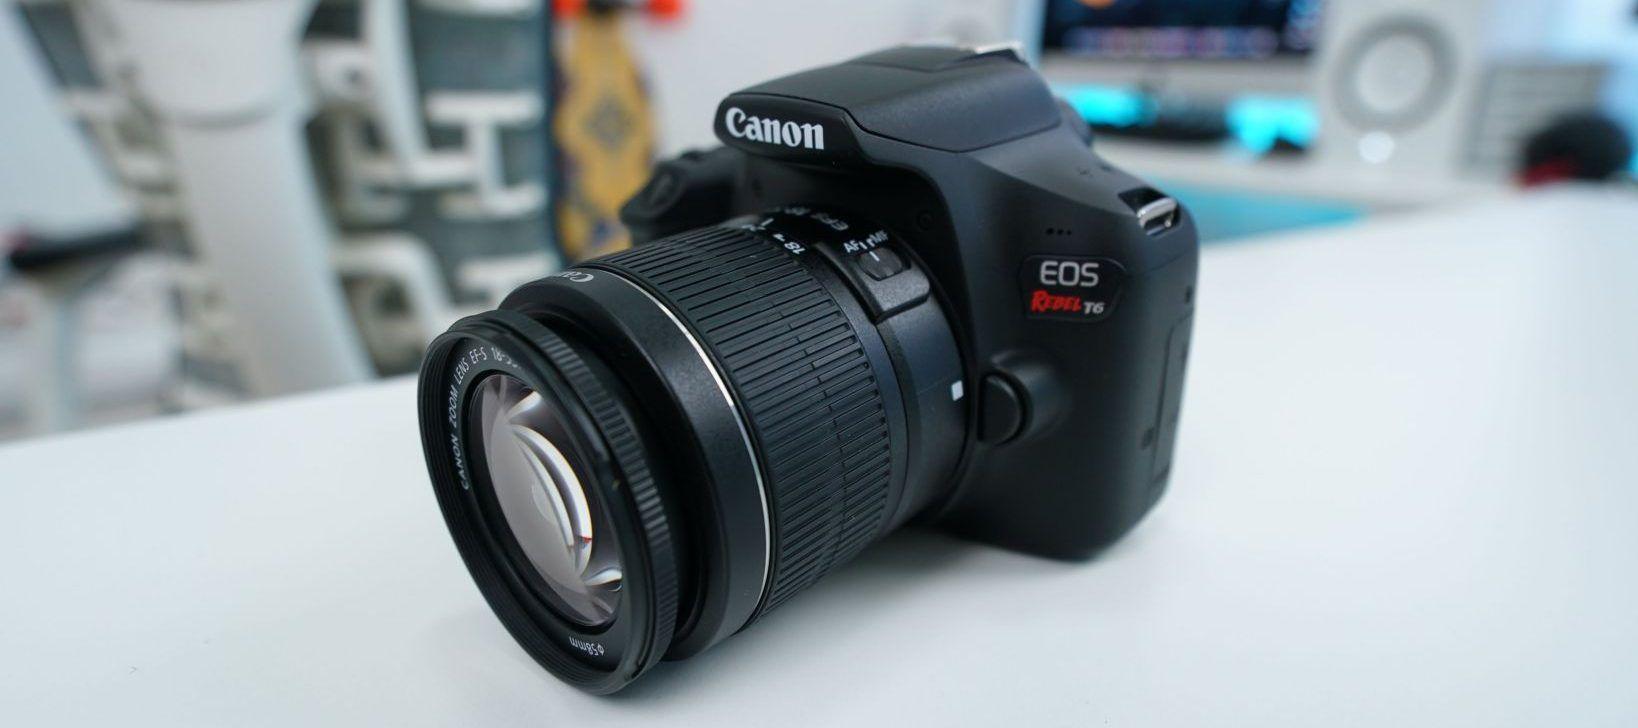 best entry level dslr cameras buying guide https rh pinterest com Canon DSLR Comparison Chart Canon 60D DSLR